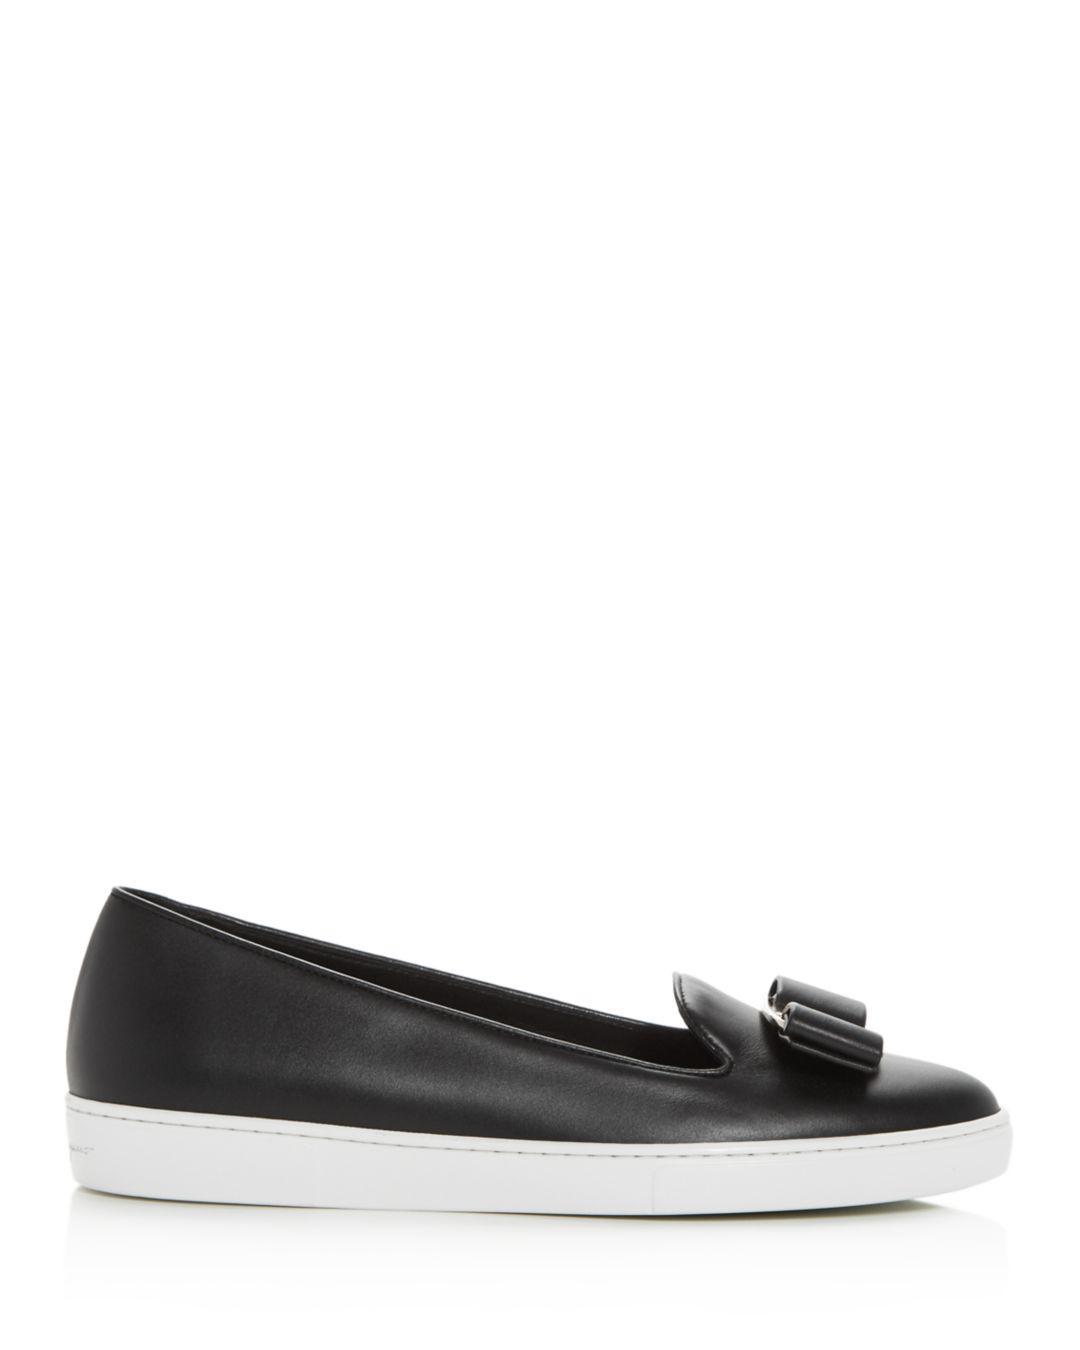 62436f0775 Lyst - Ferragamo Women s Novello Slip-on Sneakers in Black